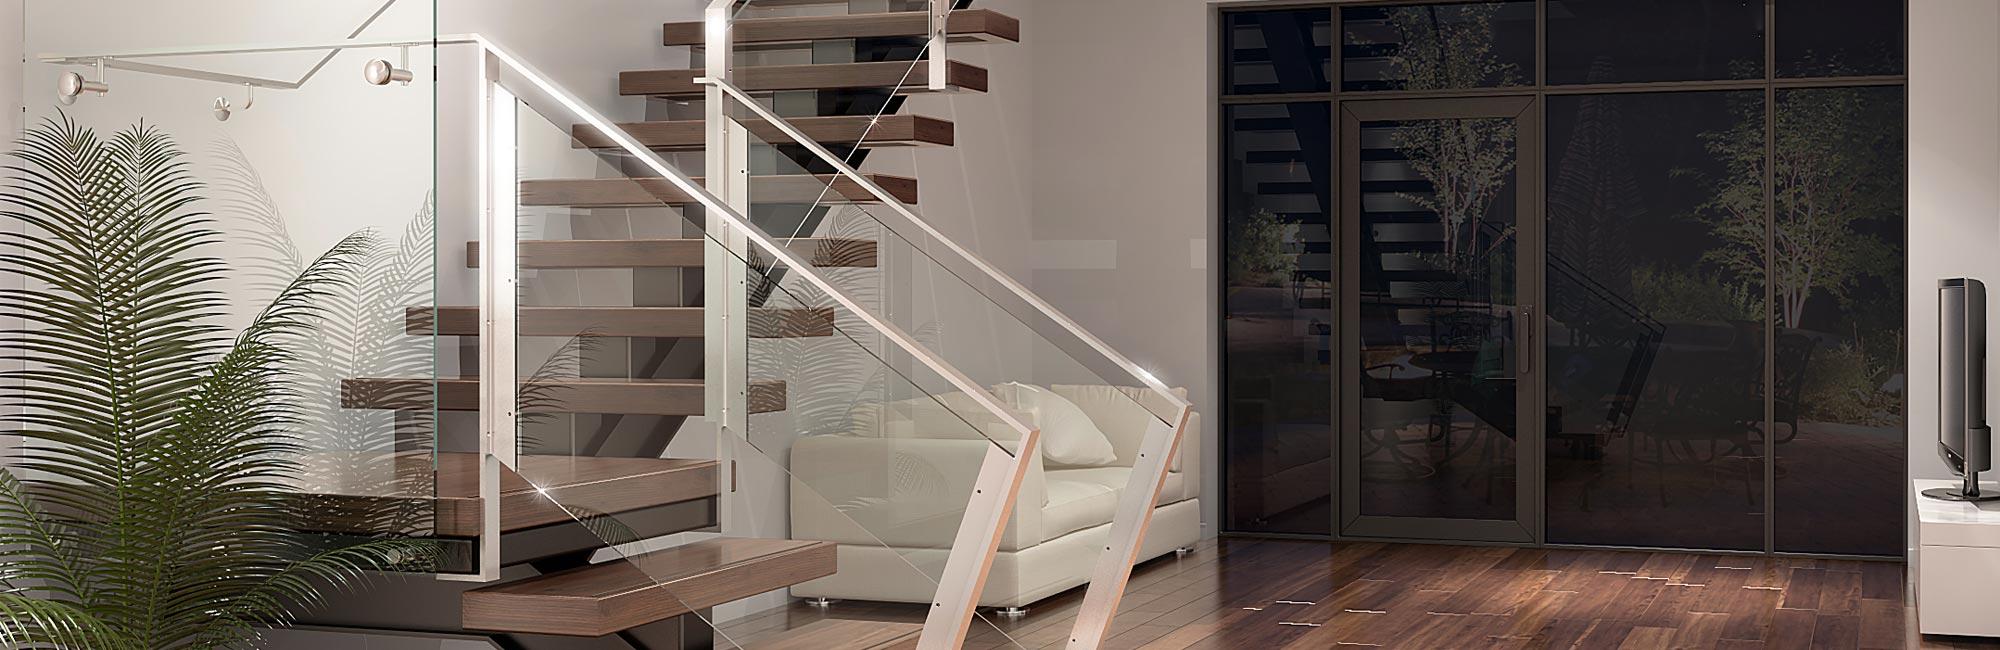 Escalier verre